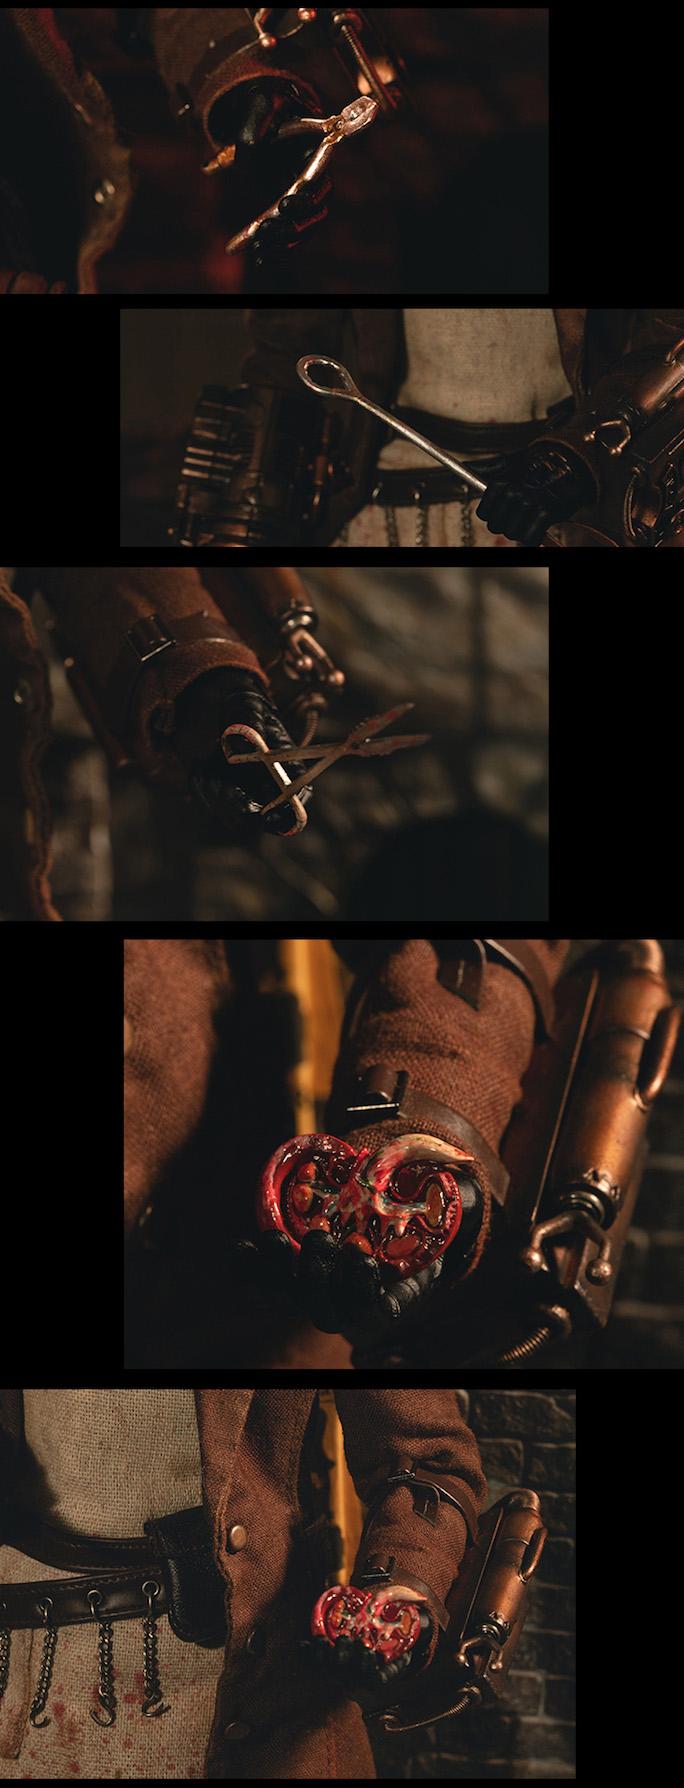 曾使倫敦陷入恐慌、殘忍至極的恐怖殺人魔!! RingToys玩界 惡名昭彰系列【開膛手傑克】Jack the Ripper 1/6 比例人偶作品 普通版 / 豪華版